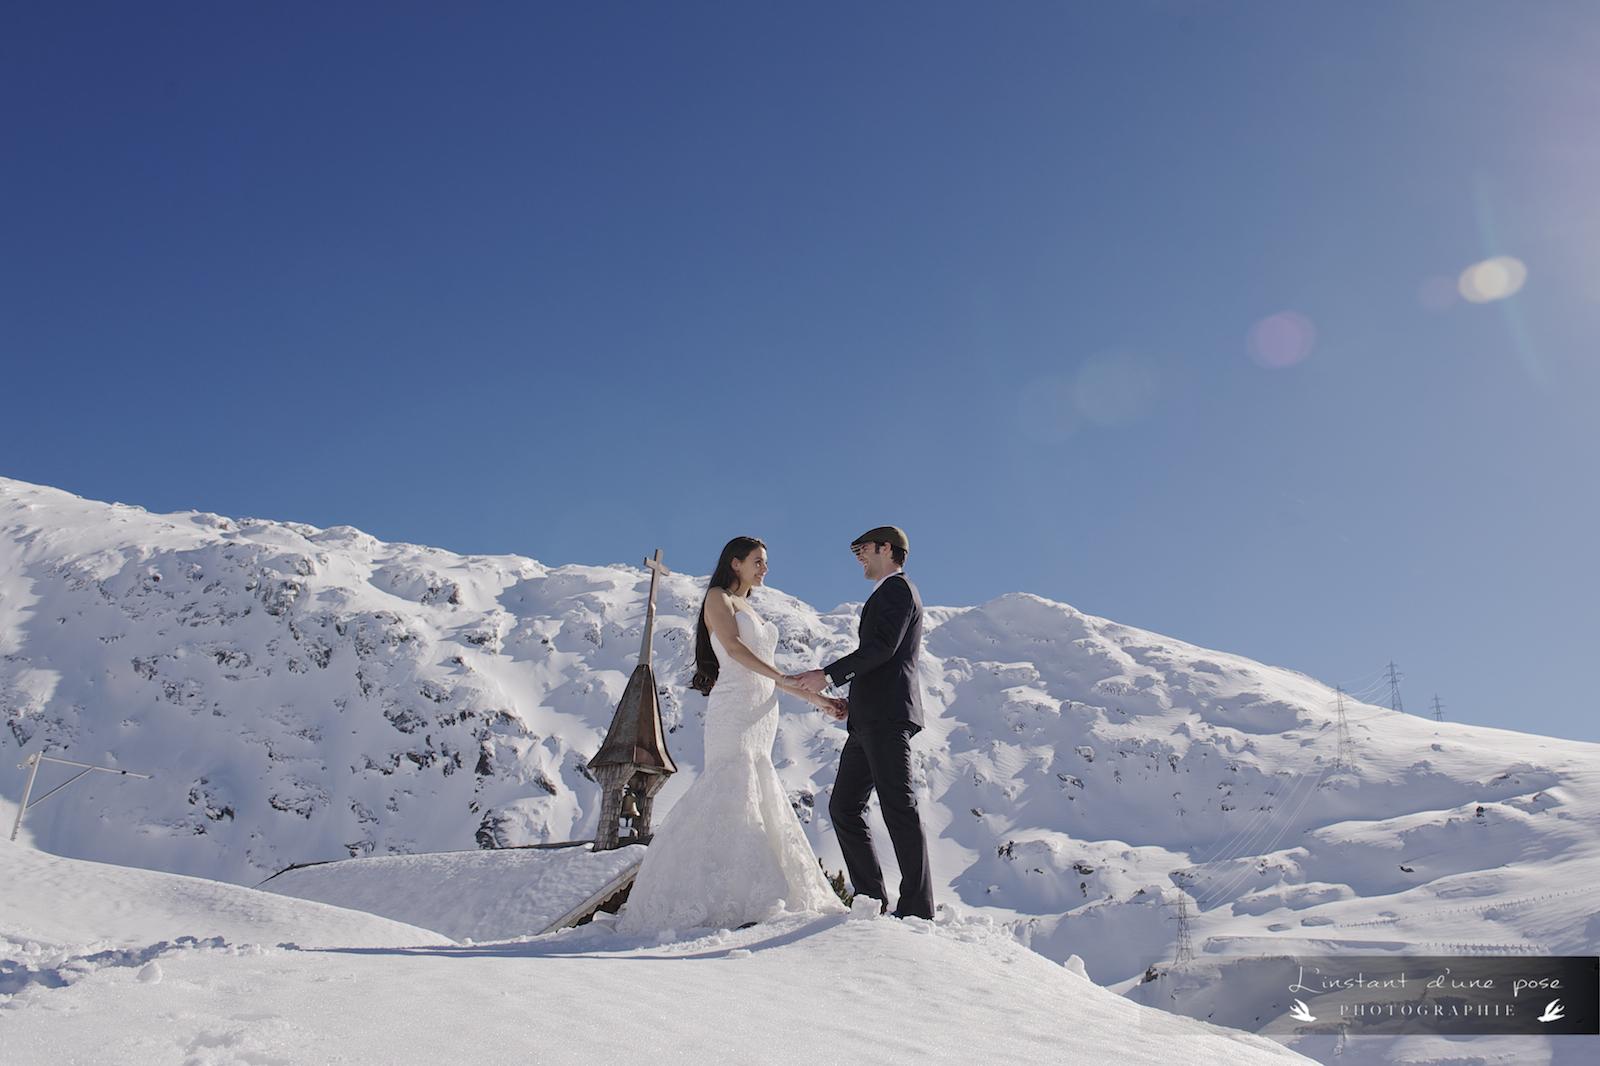 Raphaële et Benoit (Grimsel)